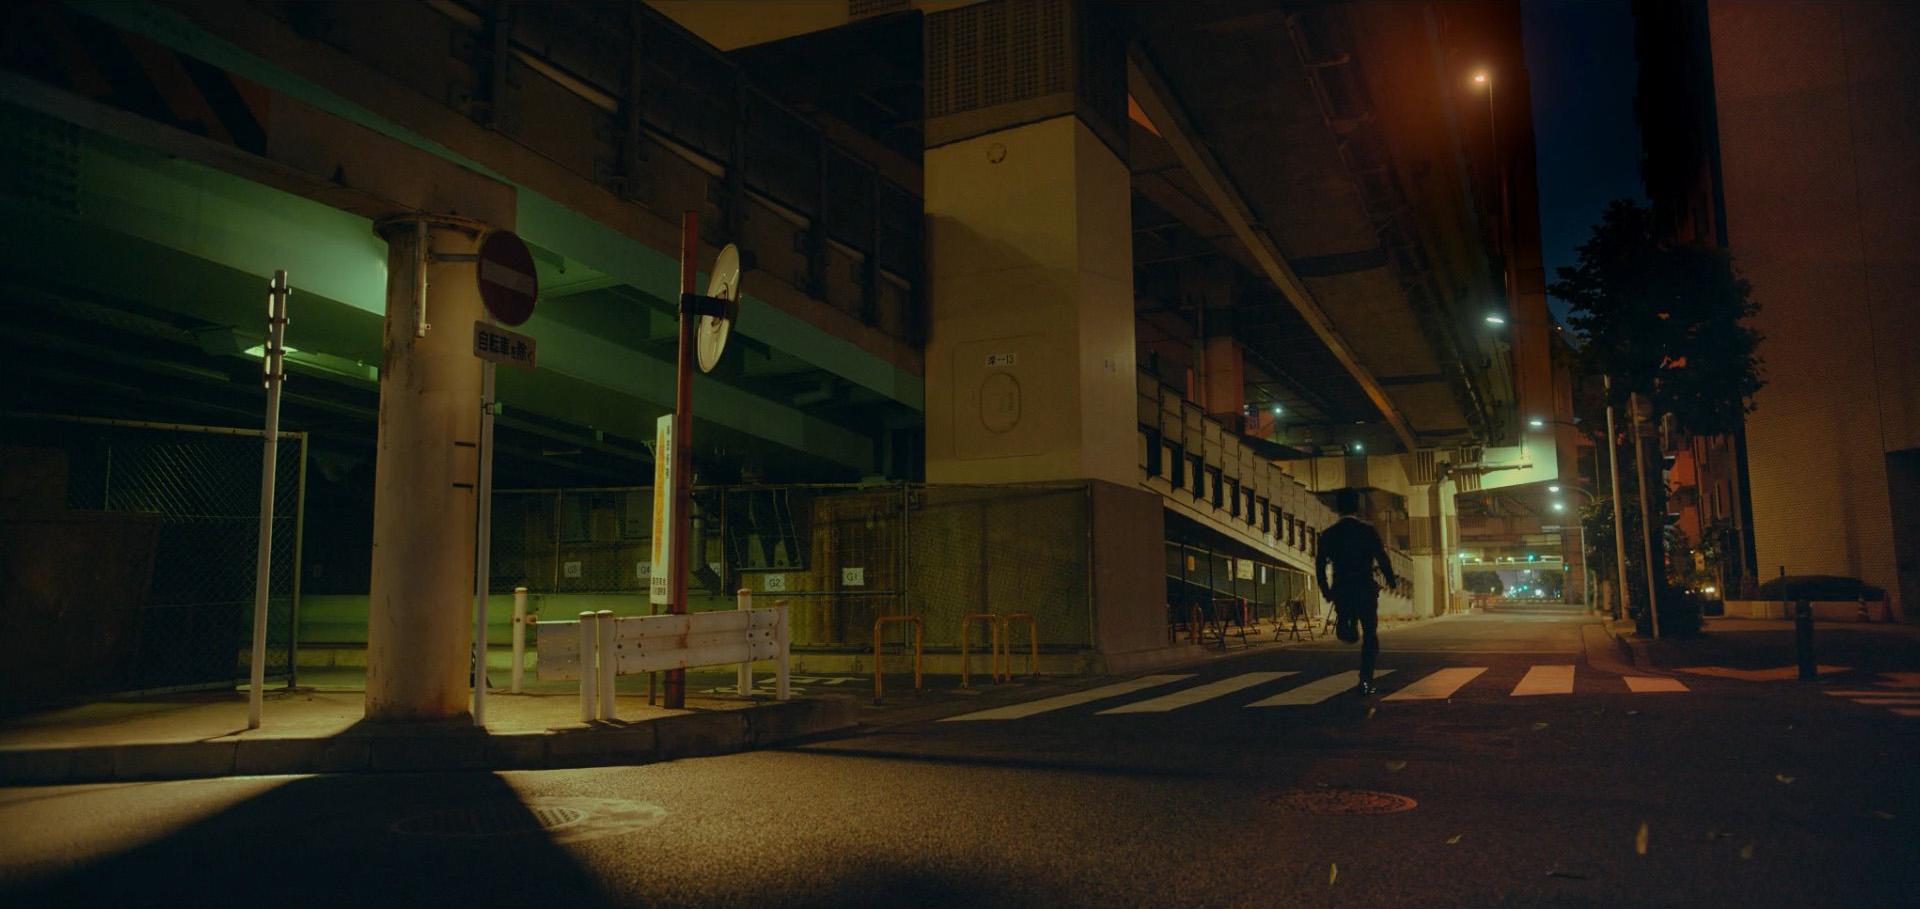 032 - Audi - Runner-0102